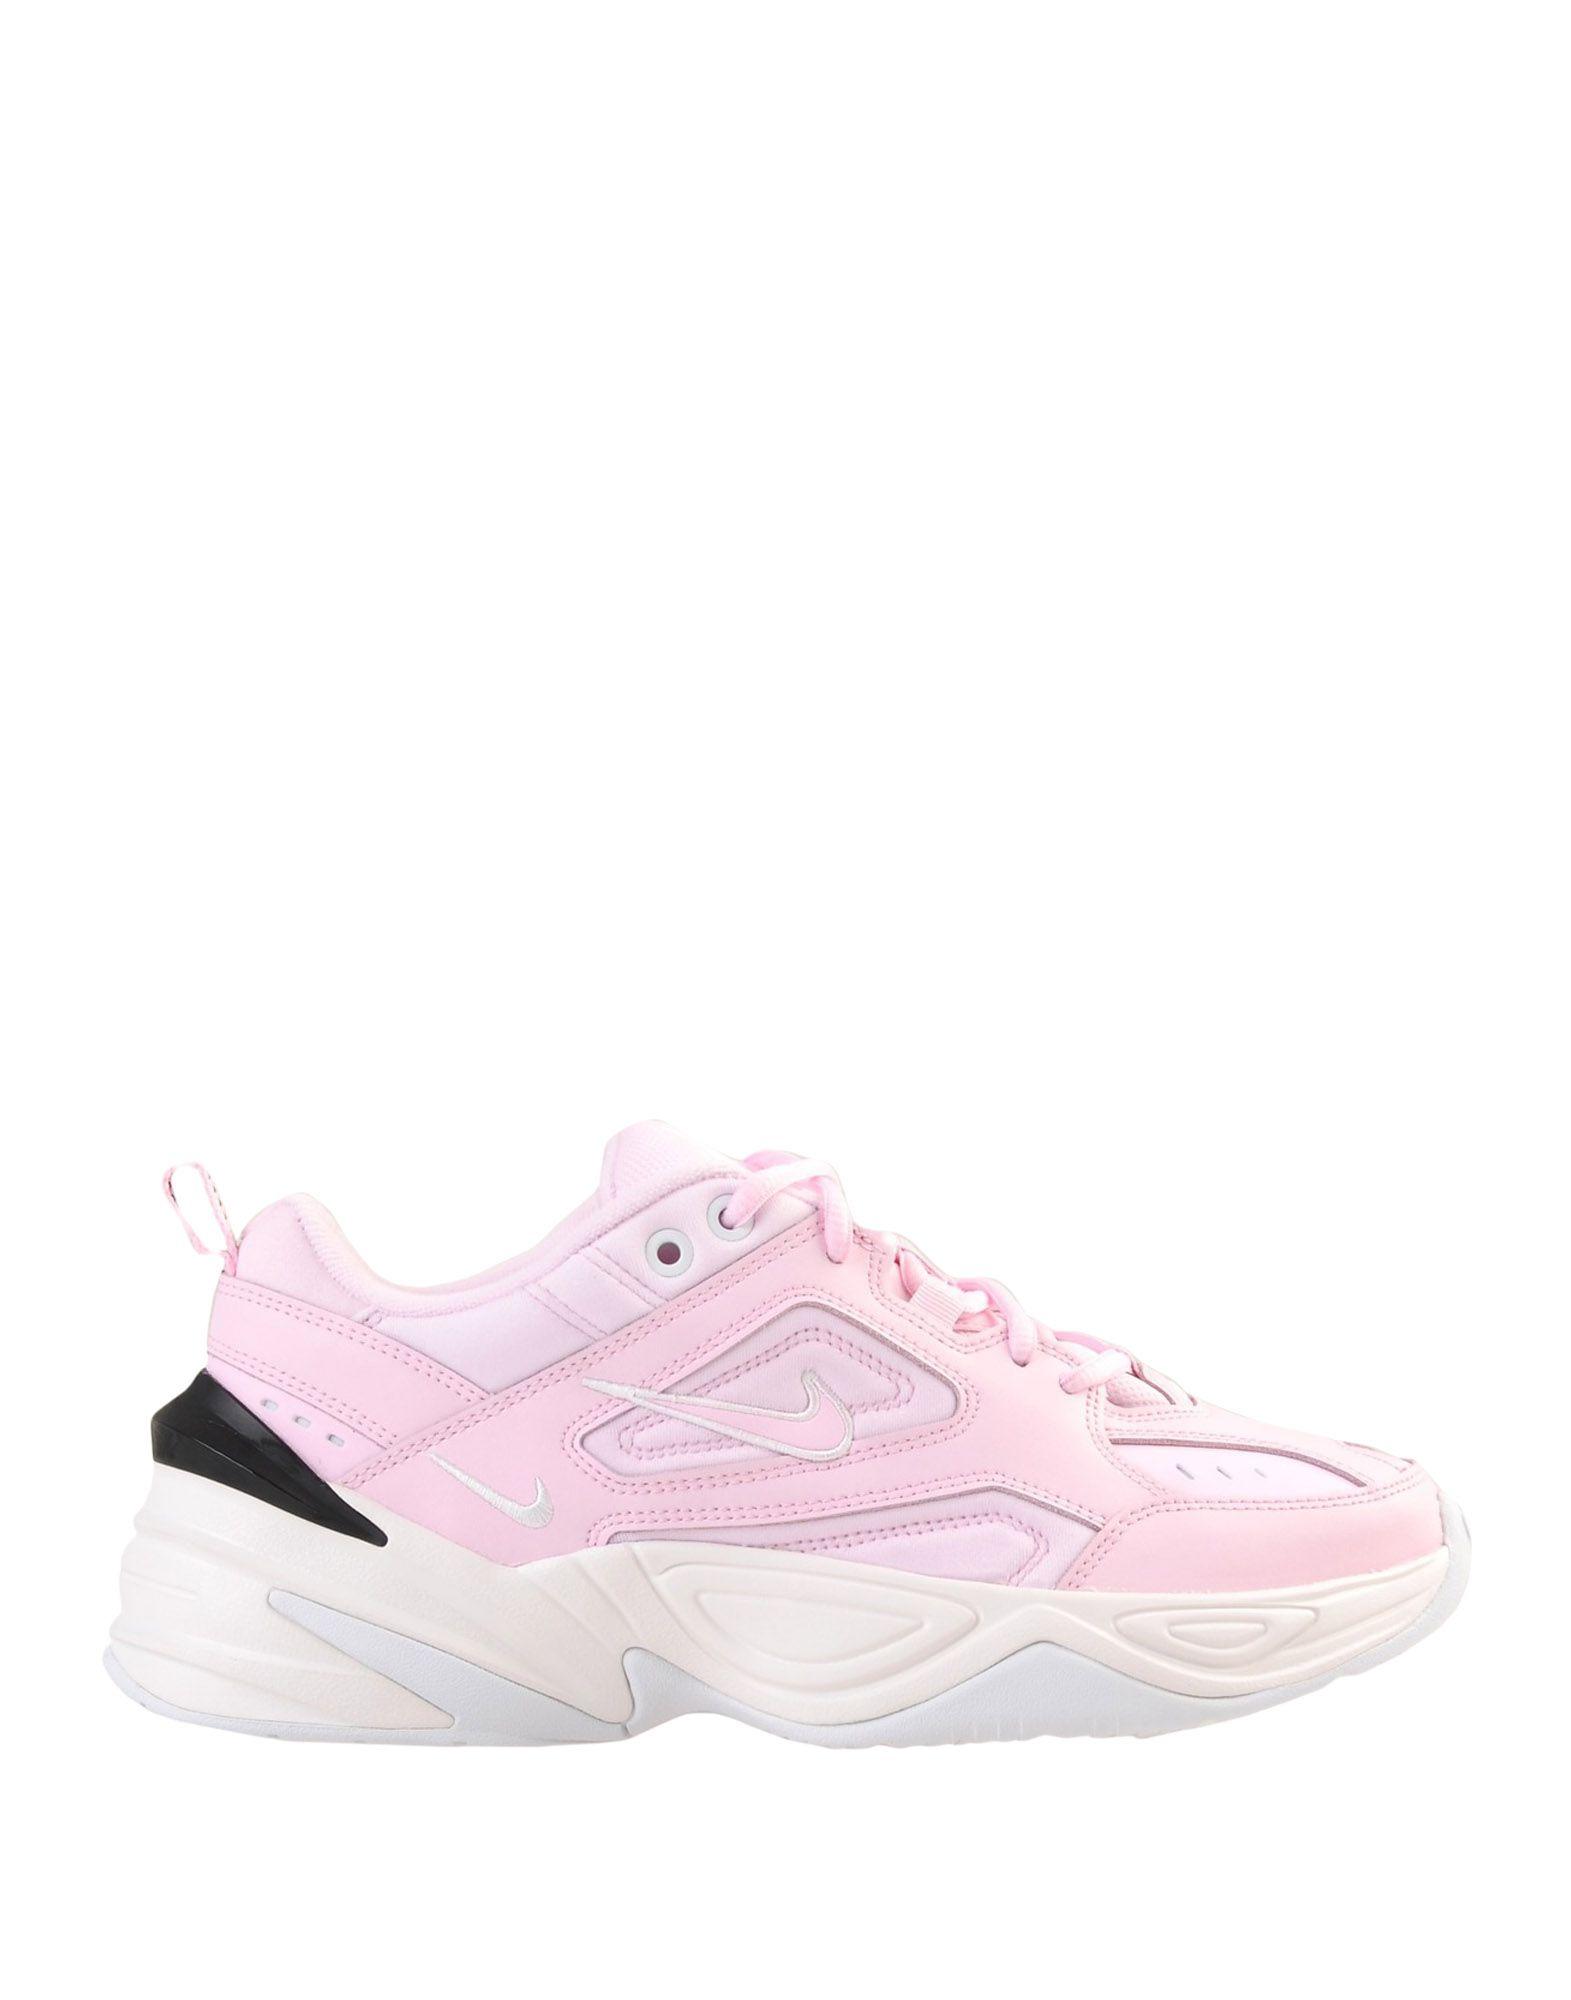 Nike M2k Tekno - Sneakers - Women Nike Sneakers online - on  United Kingdom - online 11565803OV d8af03